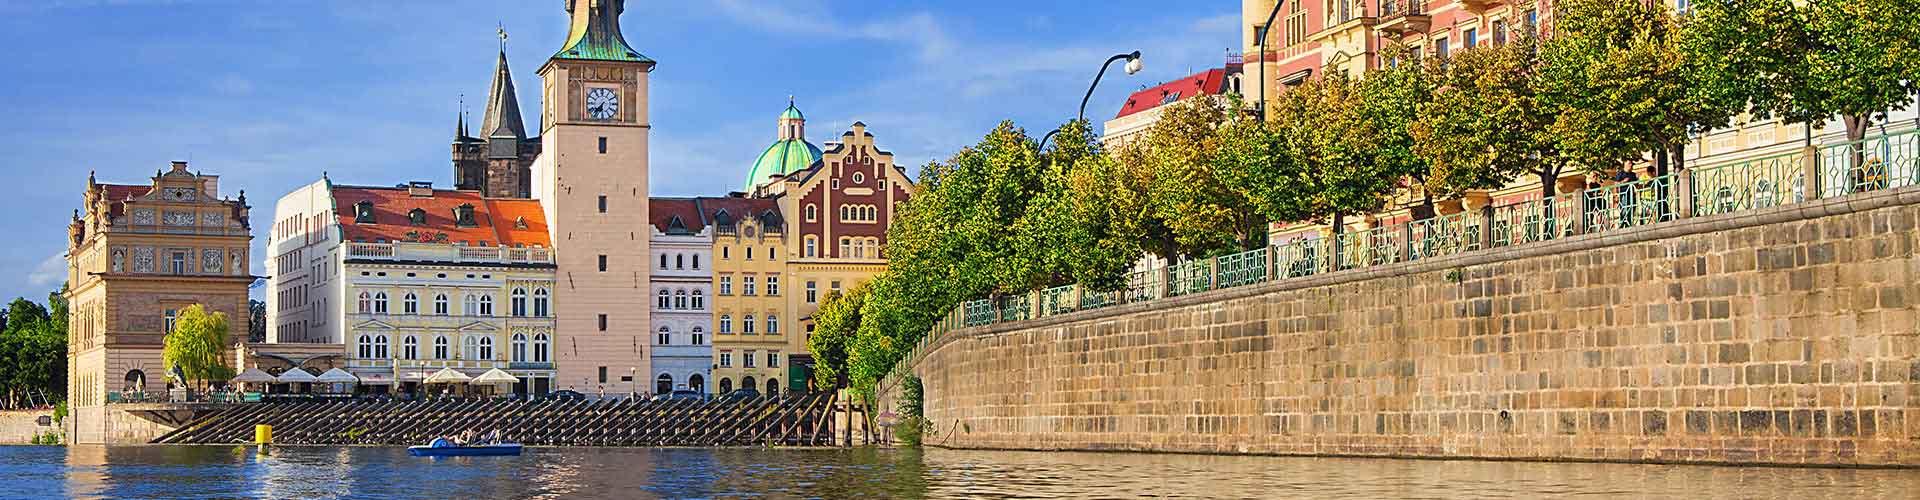 布拉格 – 斯迈塔纳博物馆 附近的青年旅舍。布拉格地图,布拉格 所有青年旅馆的照片和评分。